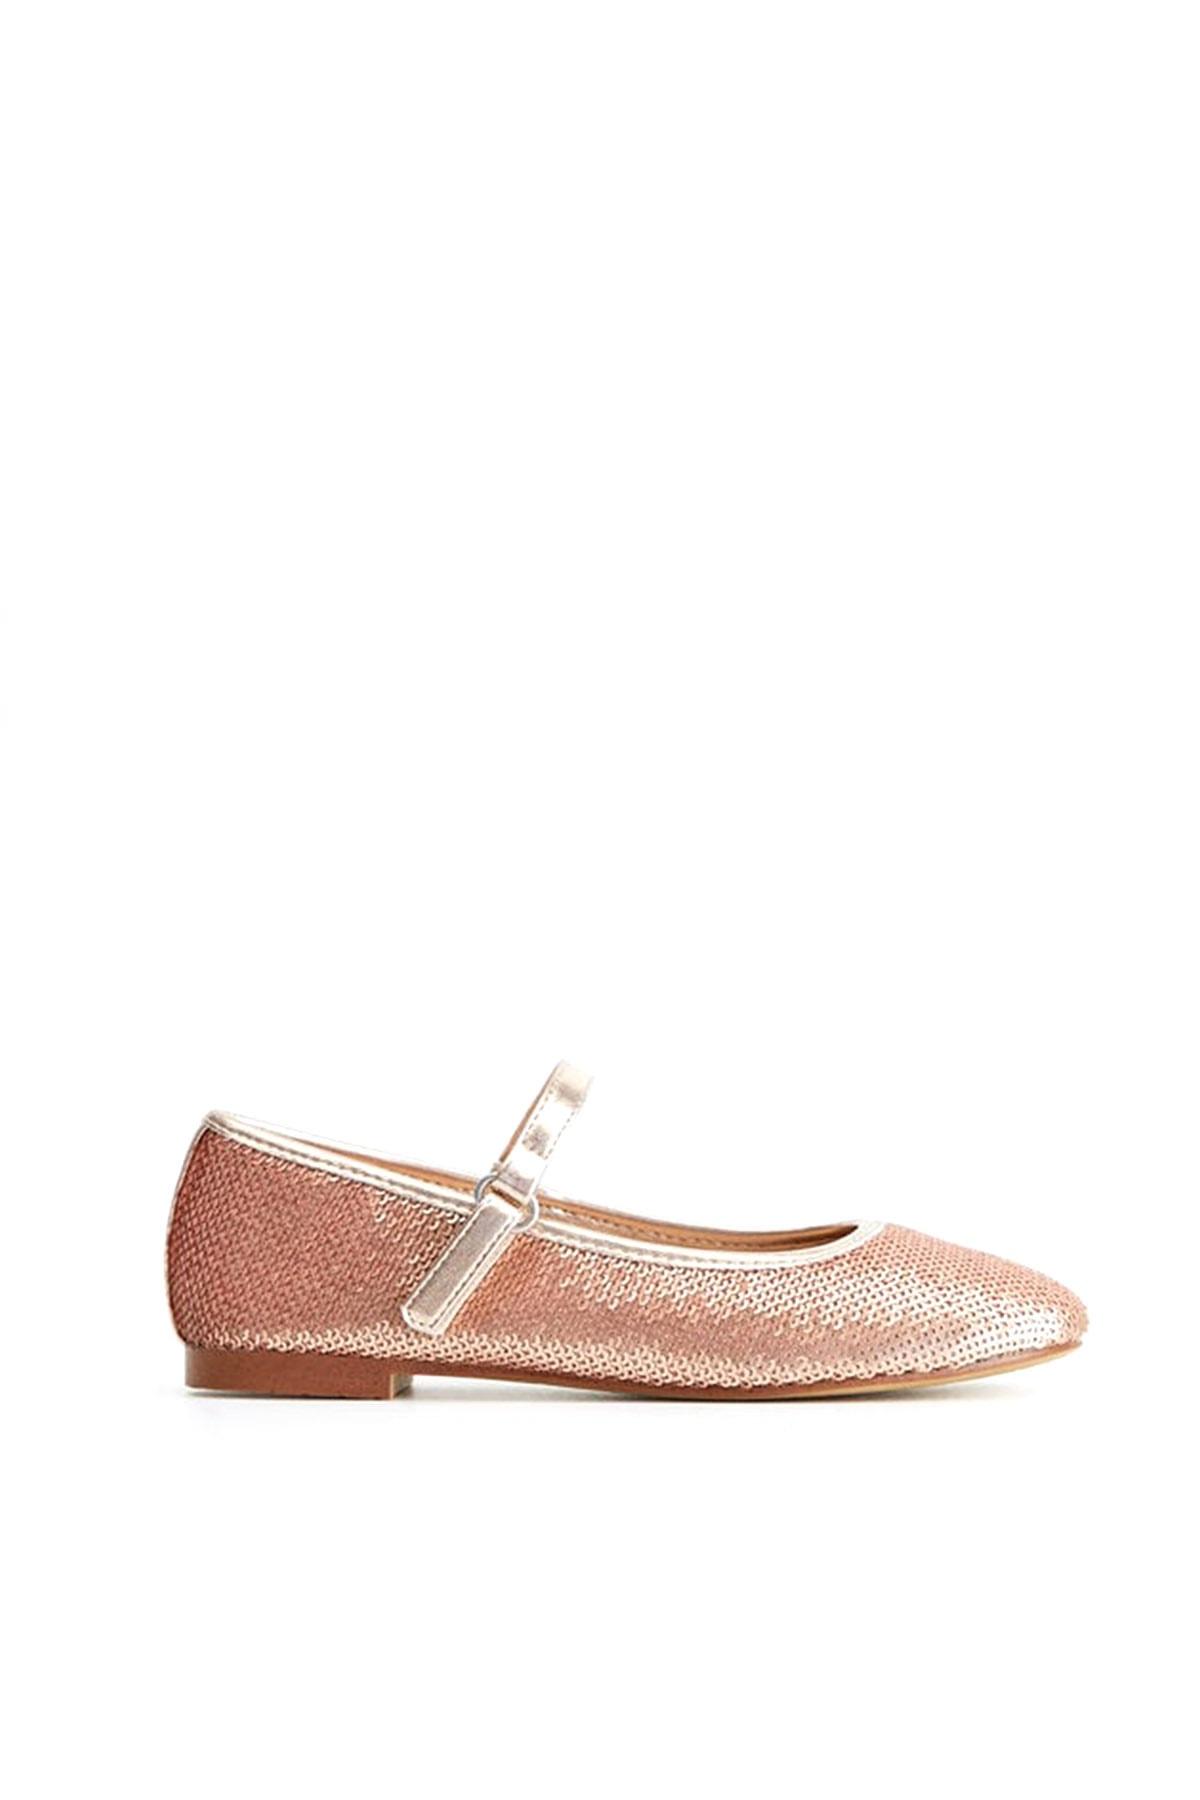 کفش تخت بچه گانه دخترانه مدل دار برند مانگو رنگ صورتی ty33406284